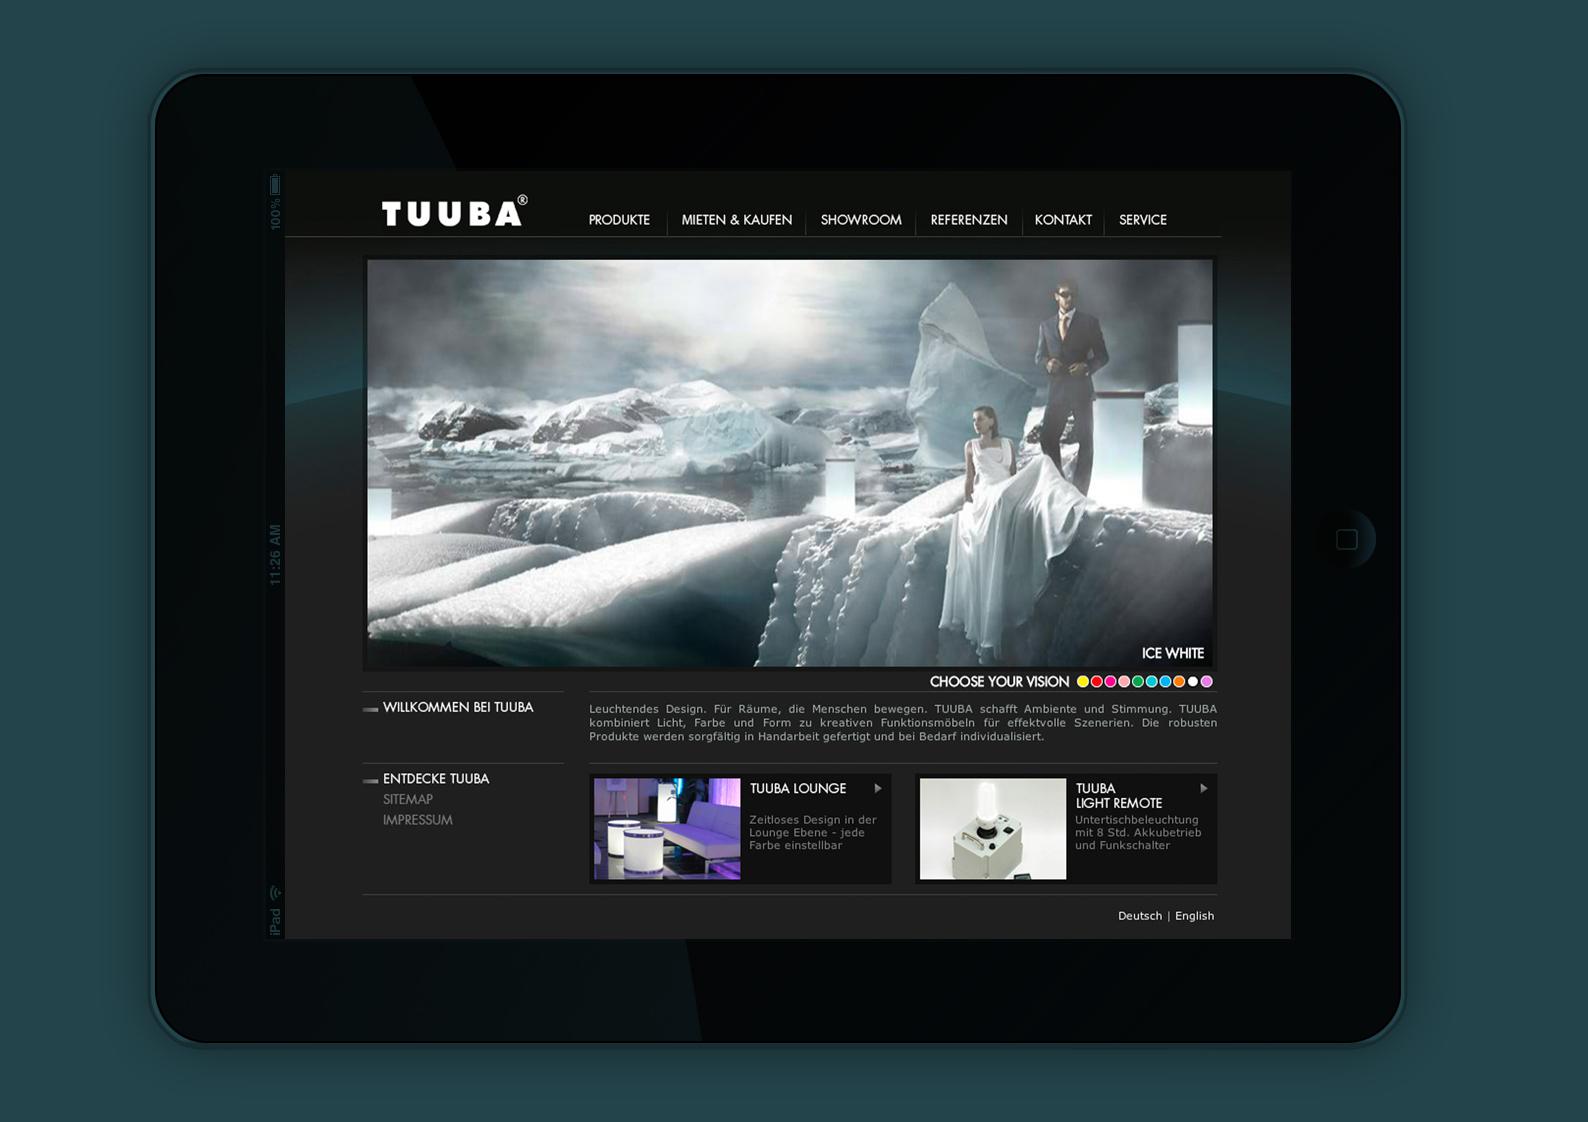 Tuuba-web-ipad.jpg